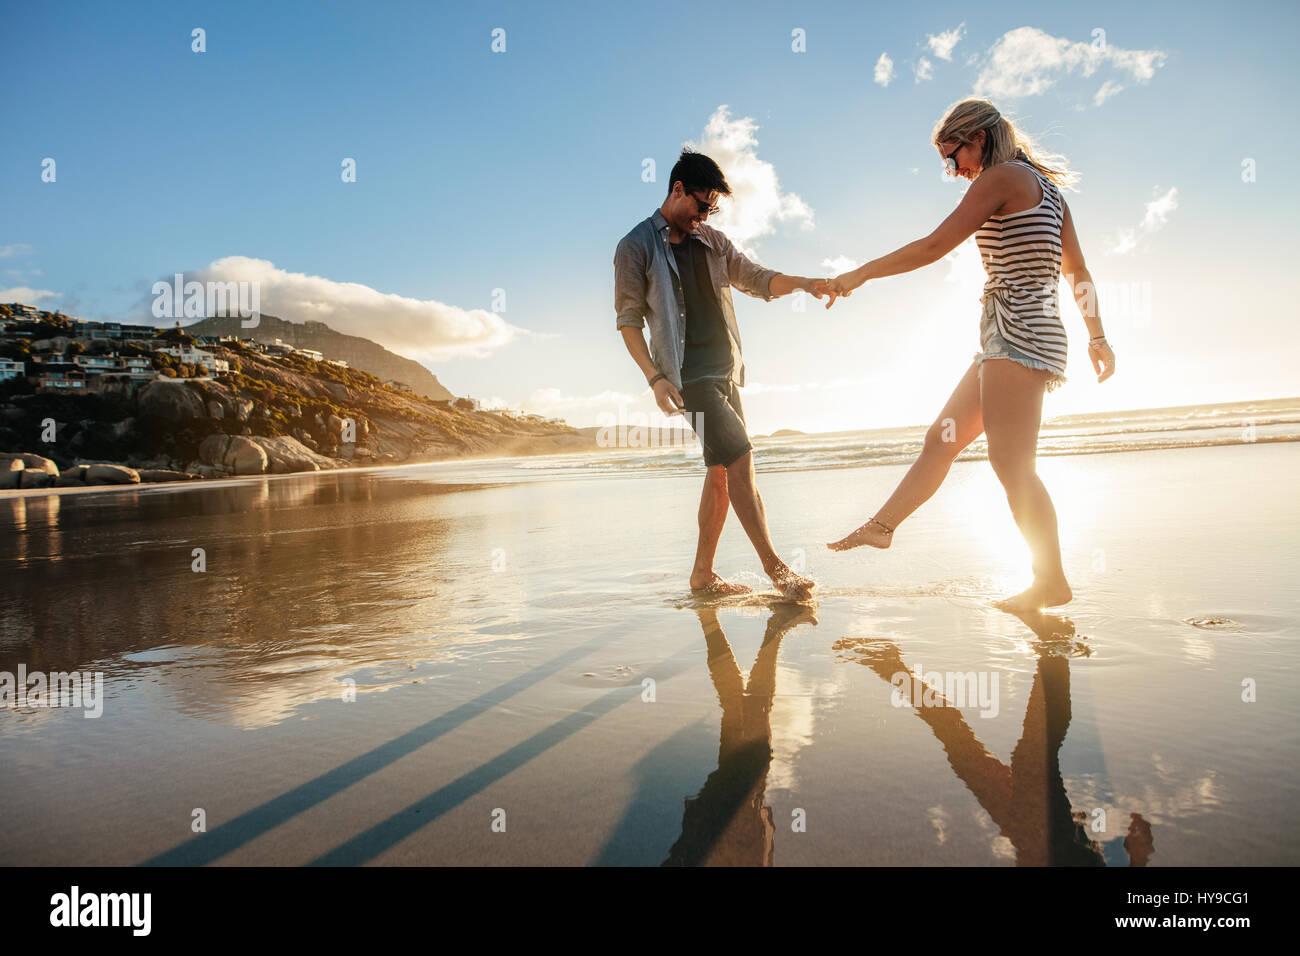 Hermosa joven pareja tomados de las manos y jugando en la orilla. Feliz joven pareja romántica en el amor divirtiéndose Imagen De Stock